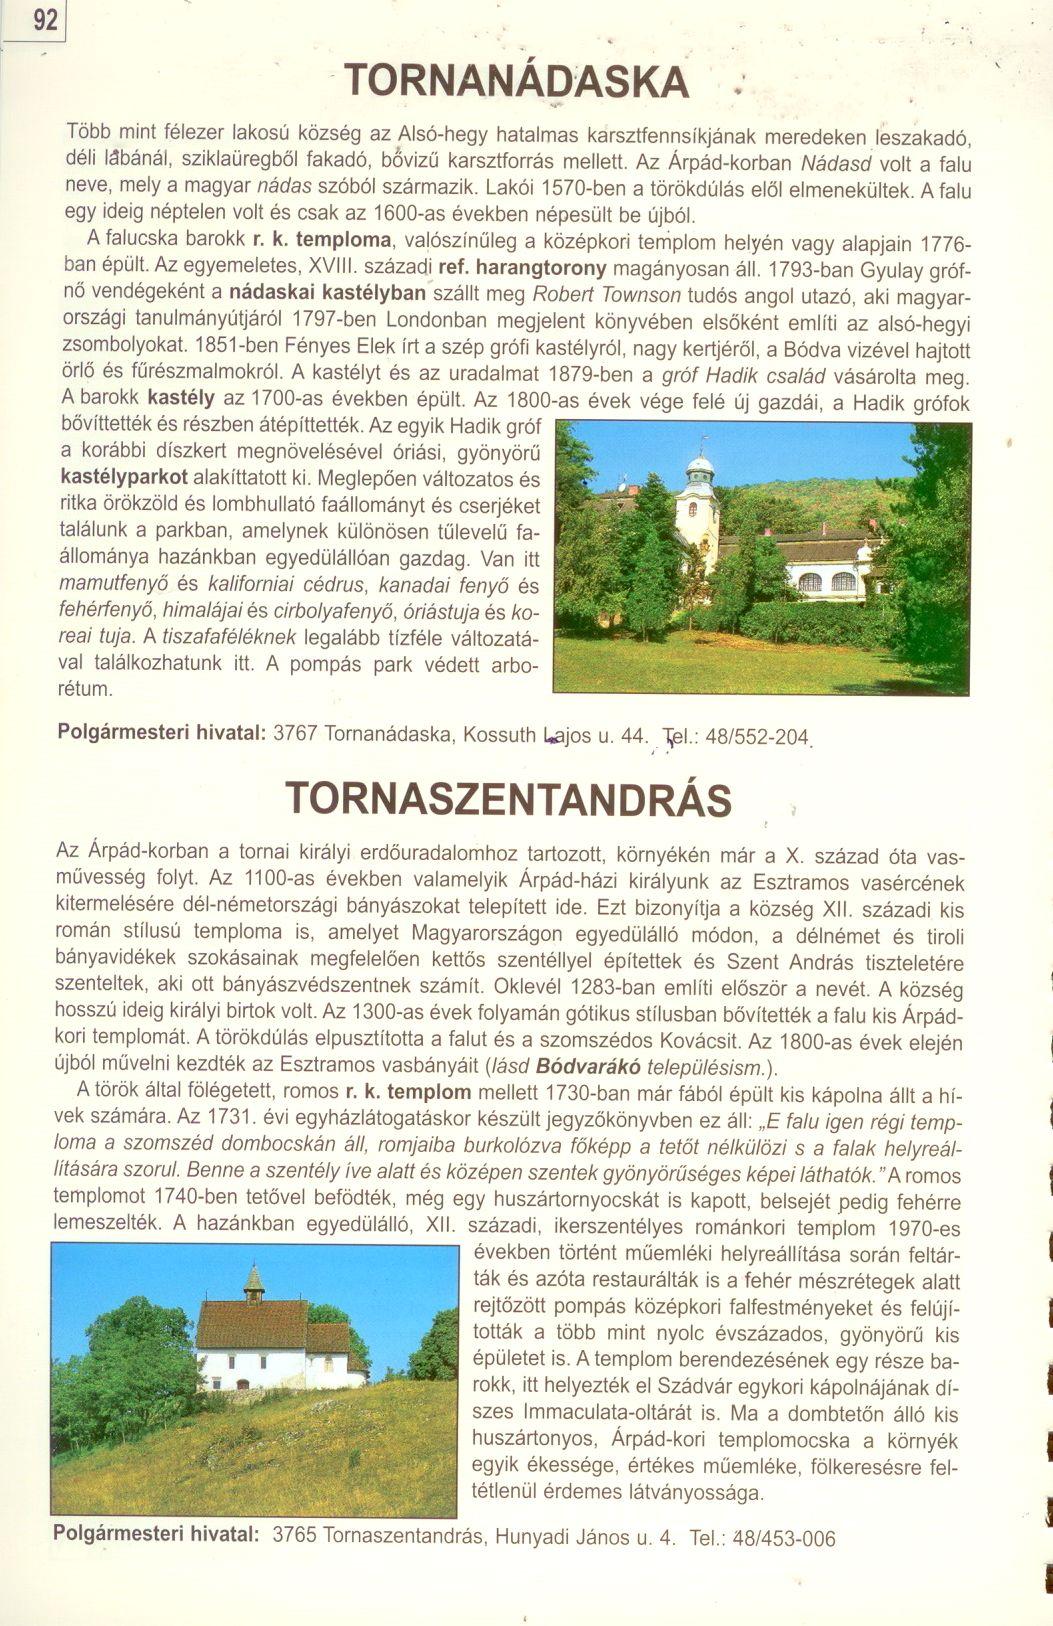 Gömör-Tornai-karszt, Cserehát atlasz szöveges mintaoldal